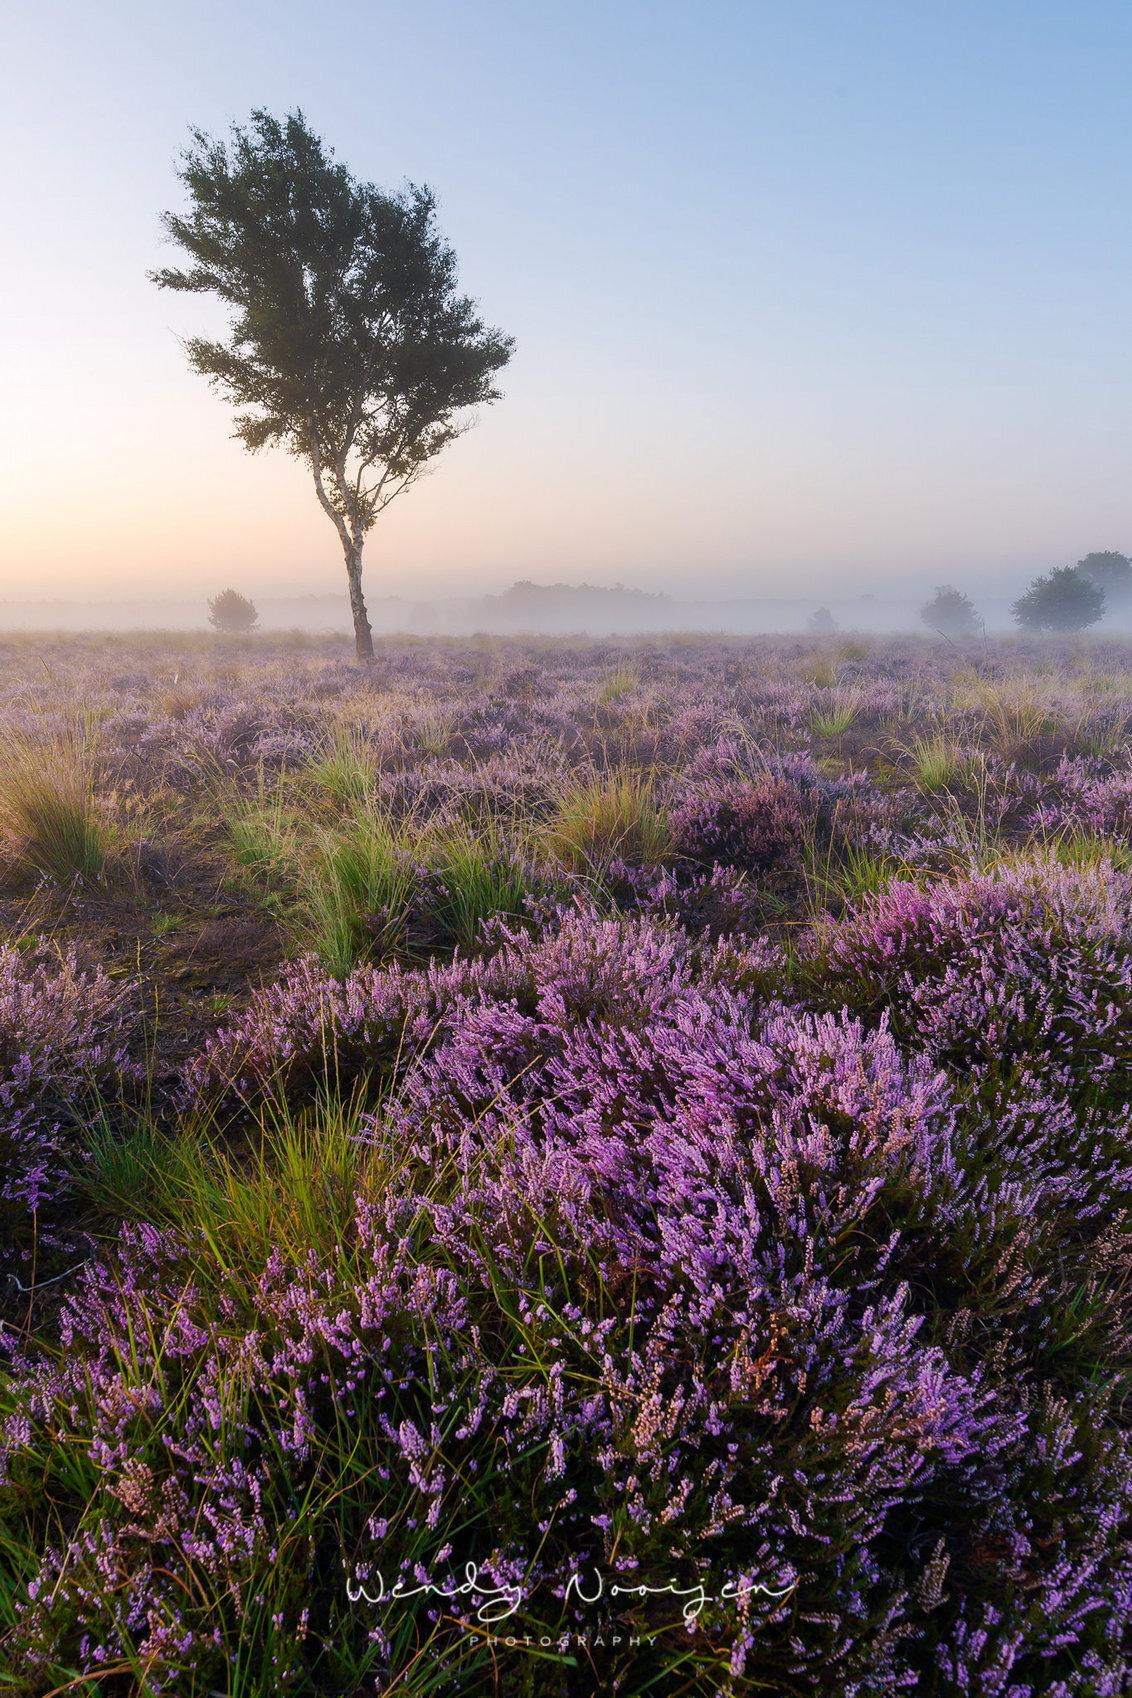 Berk bij het Grafven - Berk bij het Grafven met een laagje grondmist tijdens de zonsopkomst - foto door wendy1985 op 04-09-2020 - deze foto bevat: lucht, natuur, licht, landschap, mist, heide, zonsopkomst, zomer, bomen, berk, grafven, paarse heide